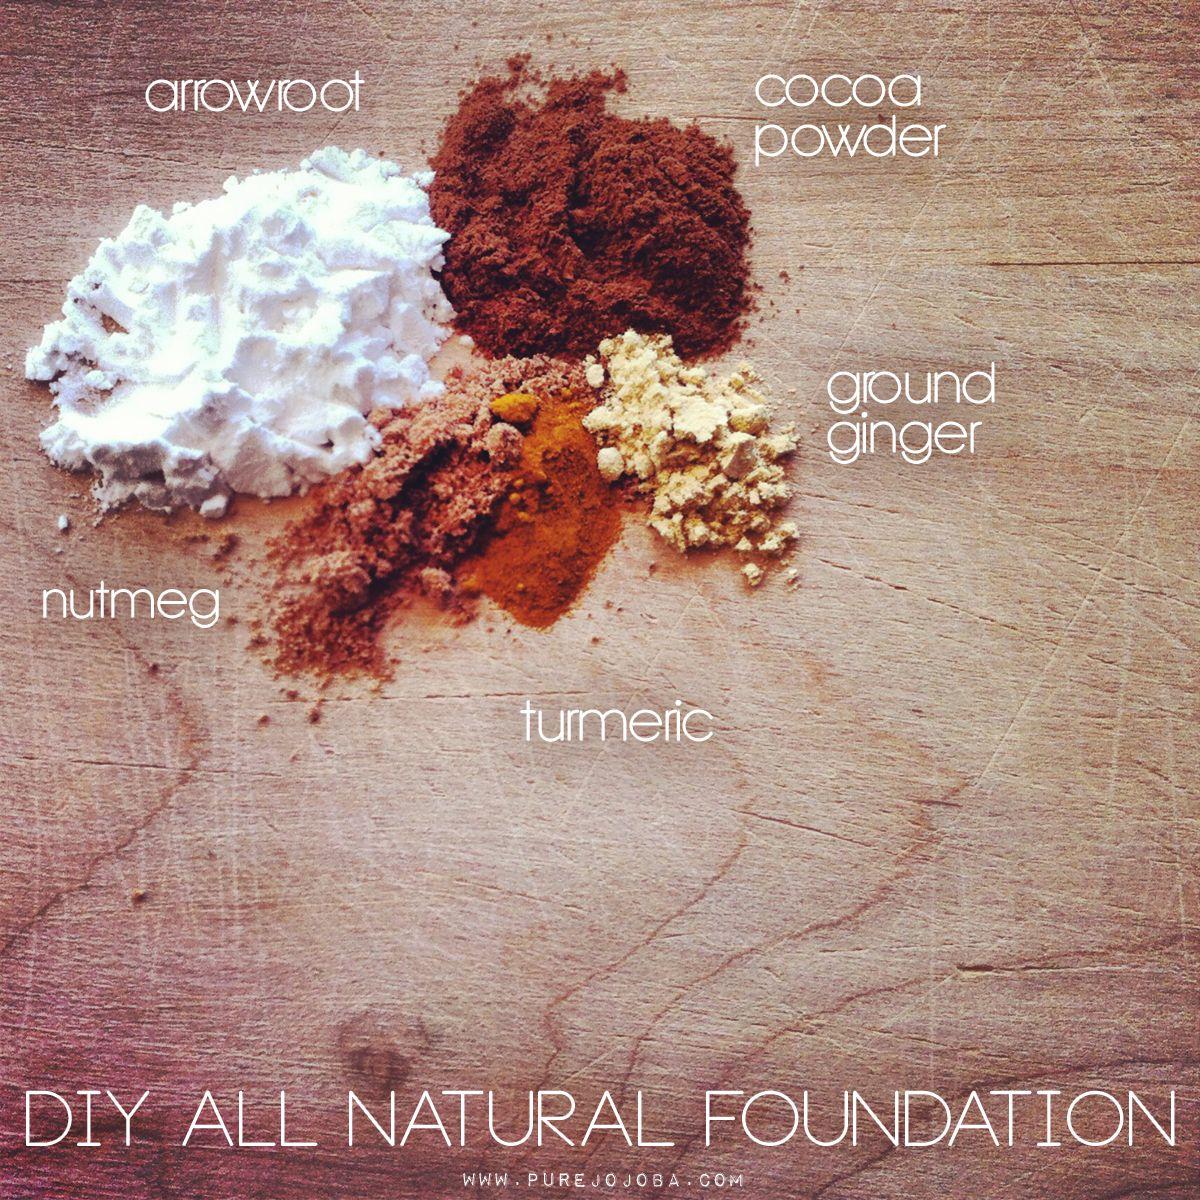 DIY All Natural Makeup #organicmakeup